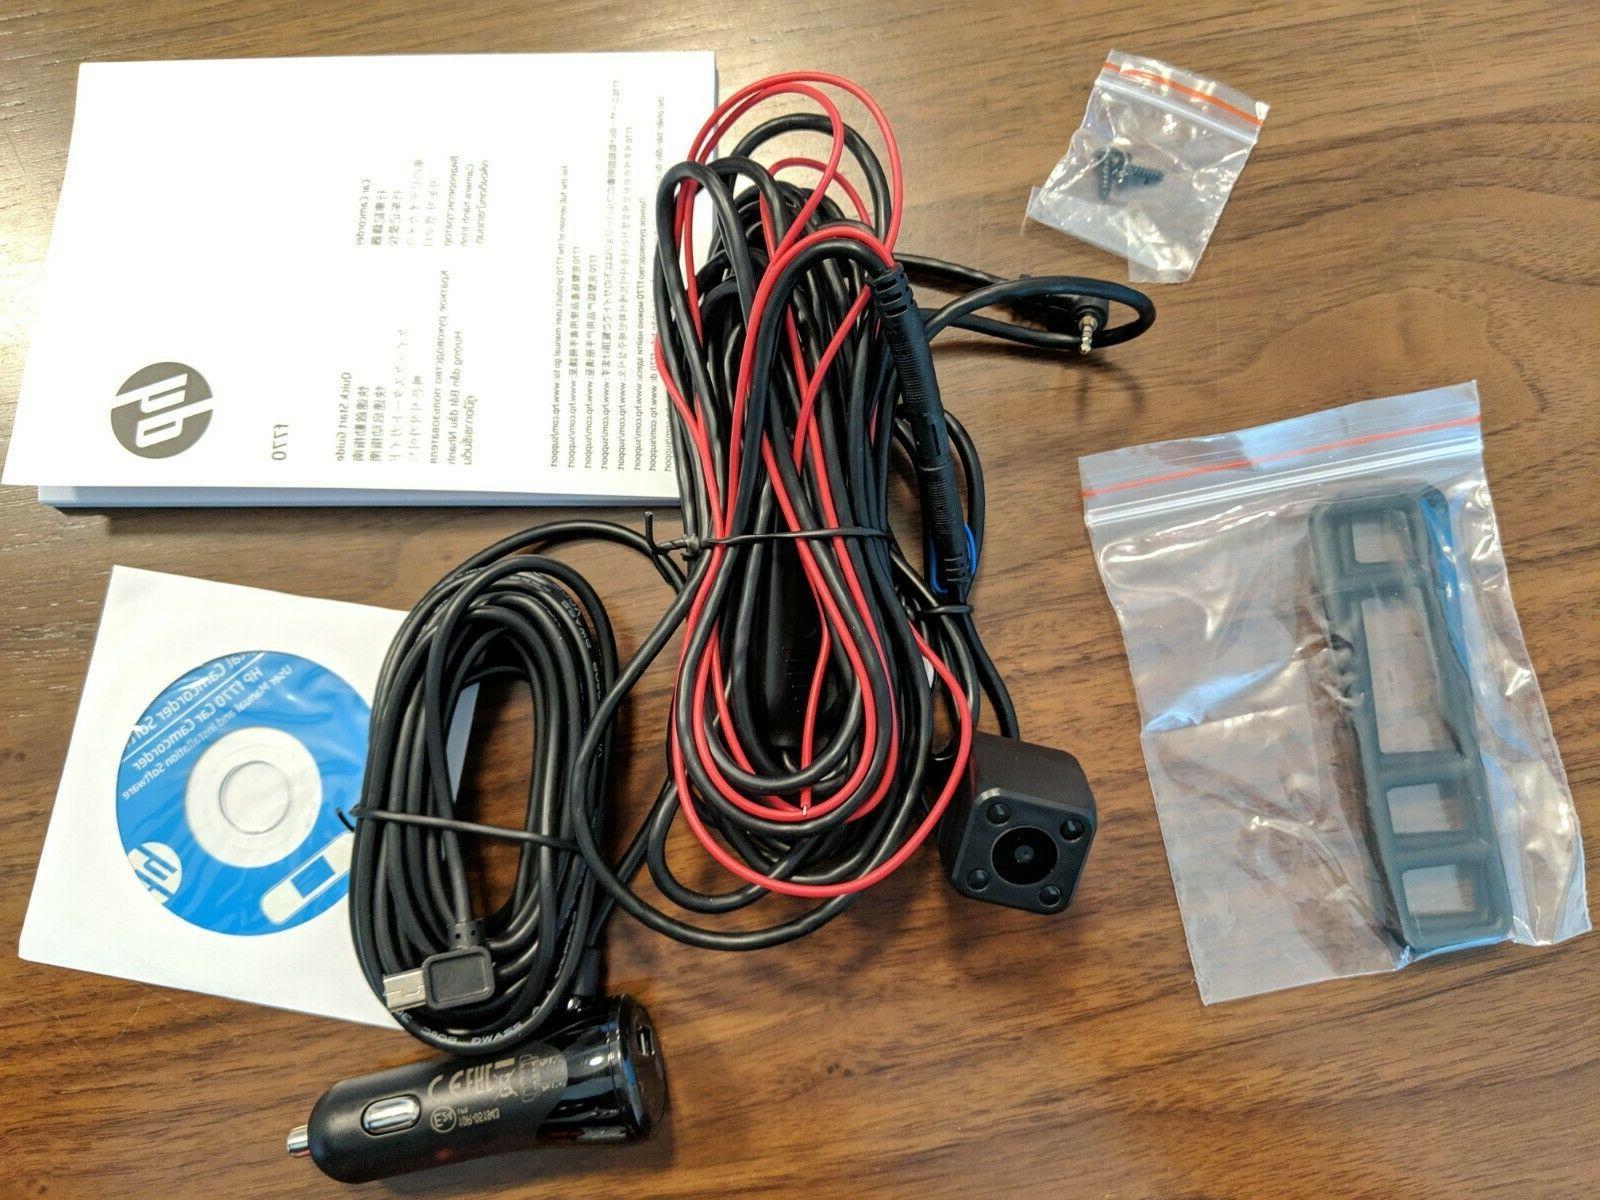 camcorder F770 plus recording